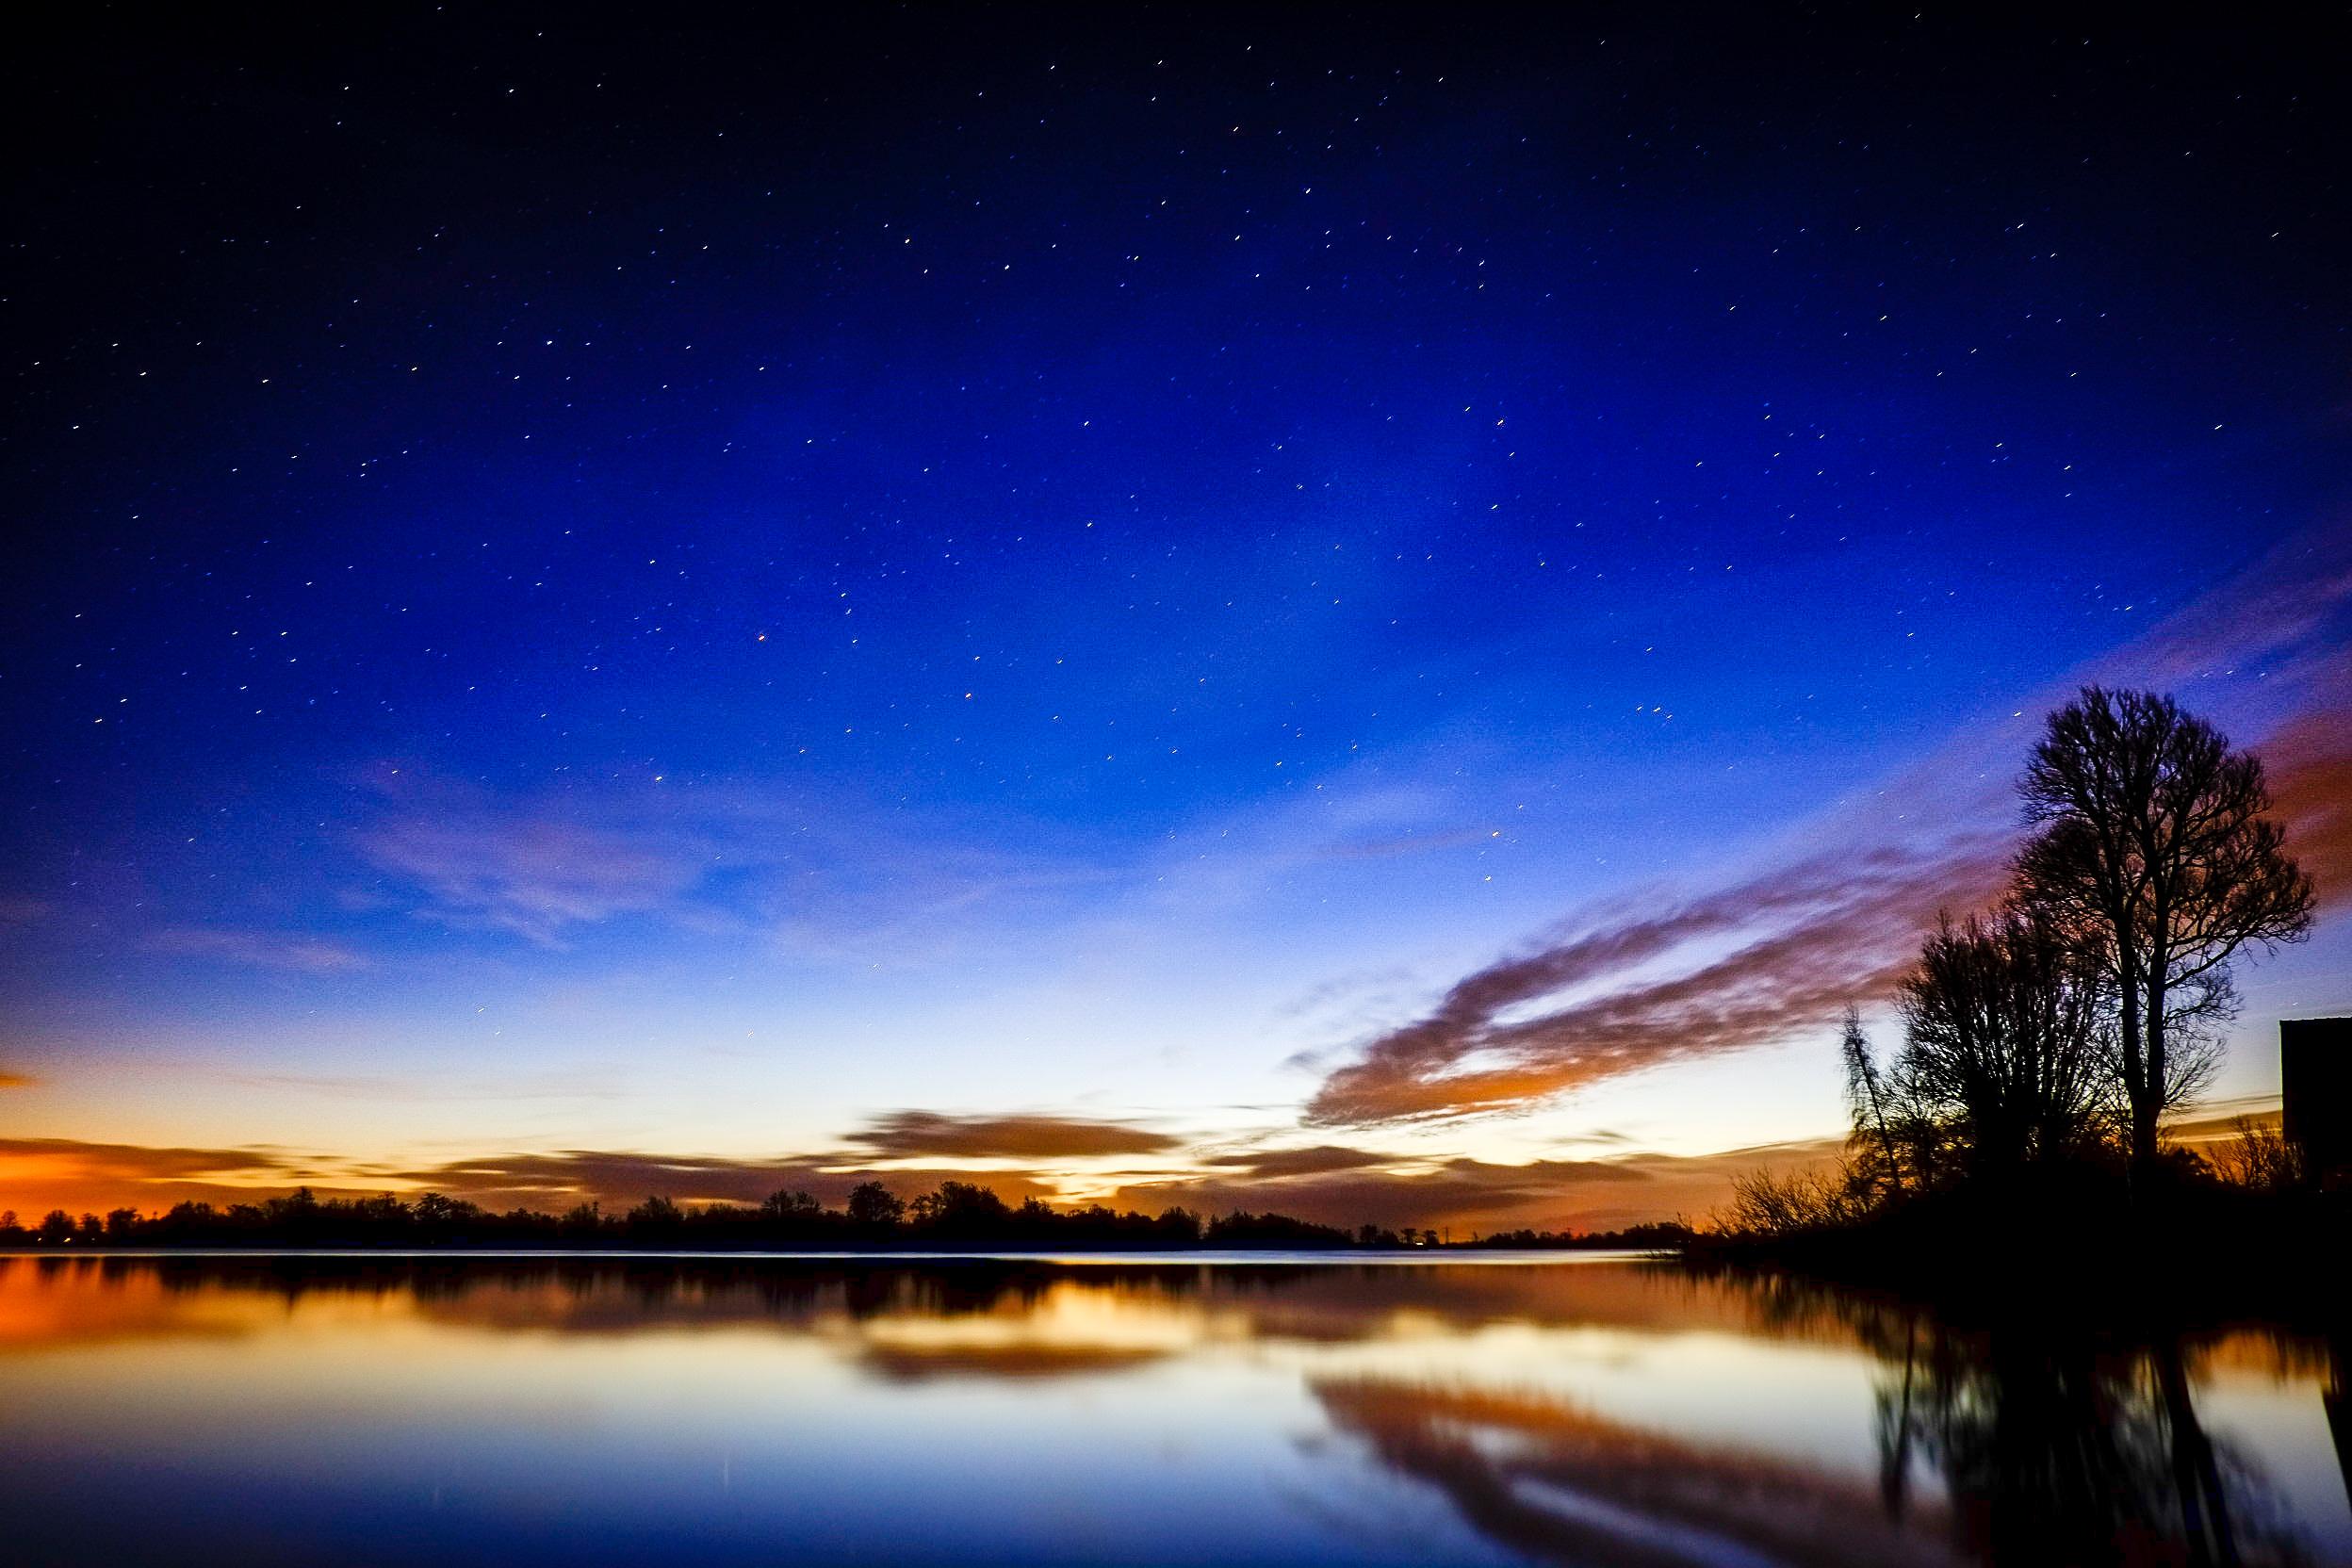 Wallpaper Black Moon Free Stock Photo Of Astronomy Atmosphere Aurora Borealis